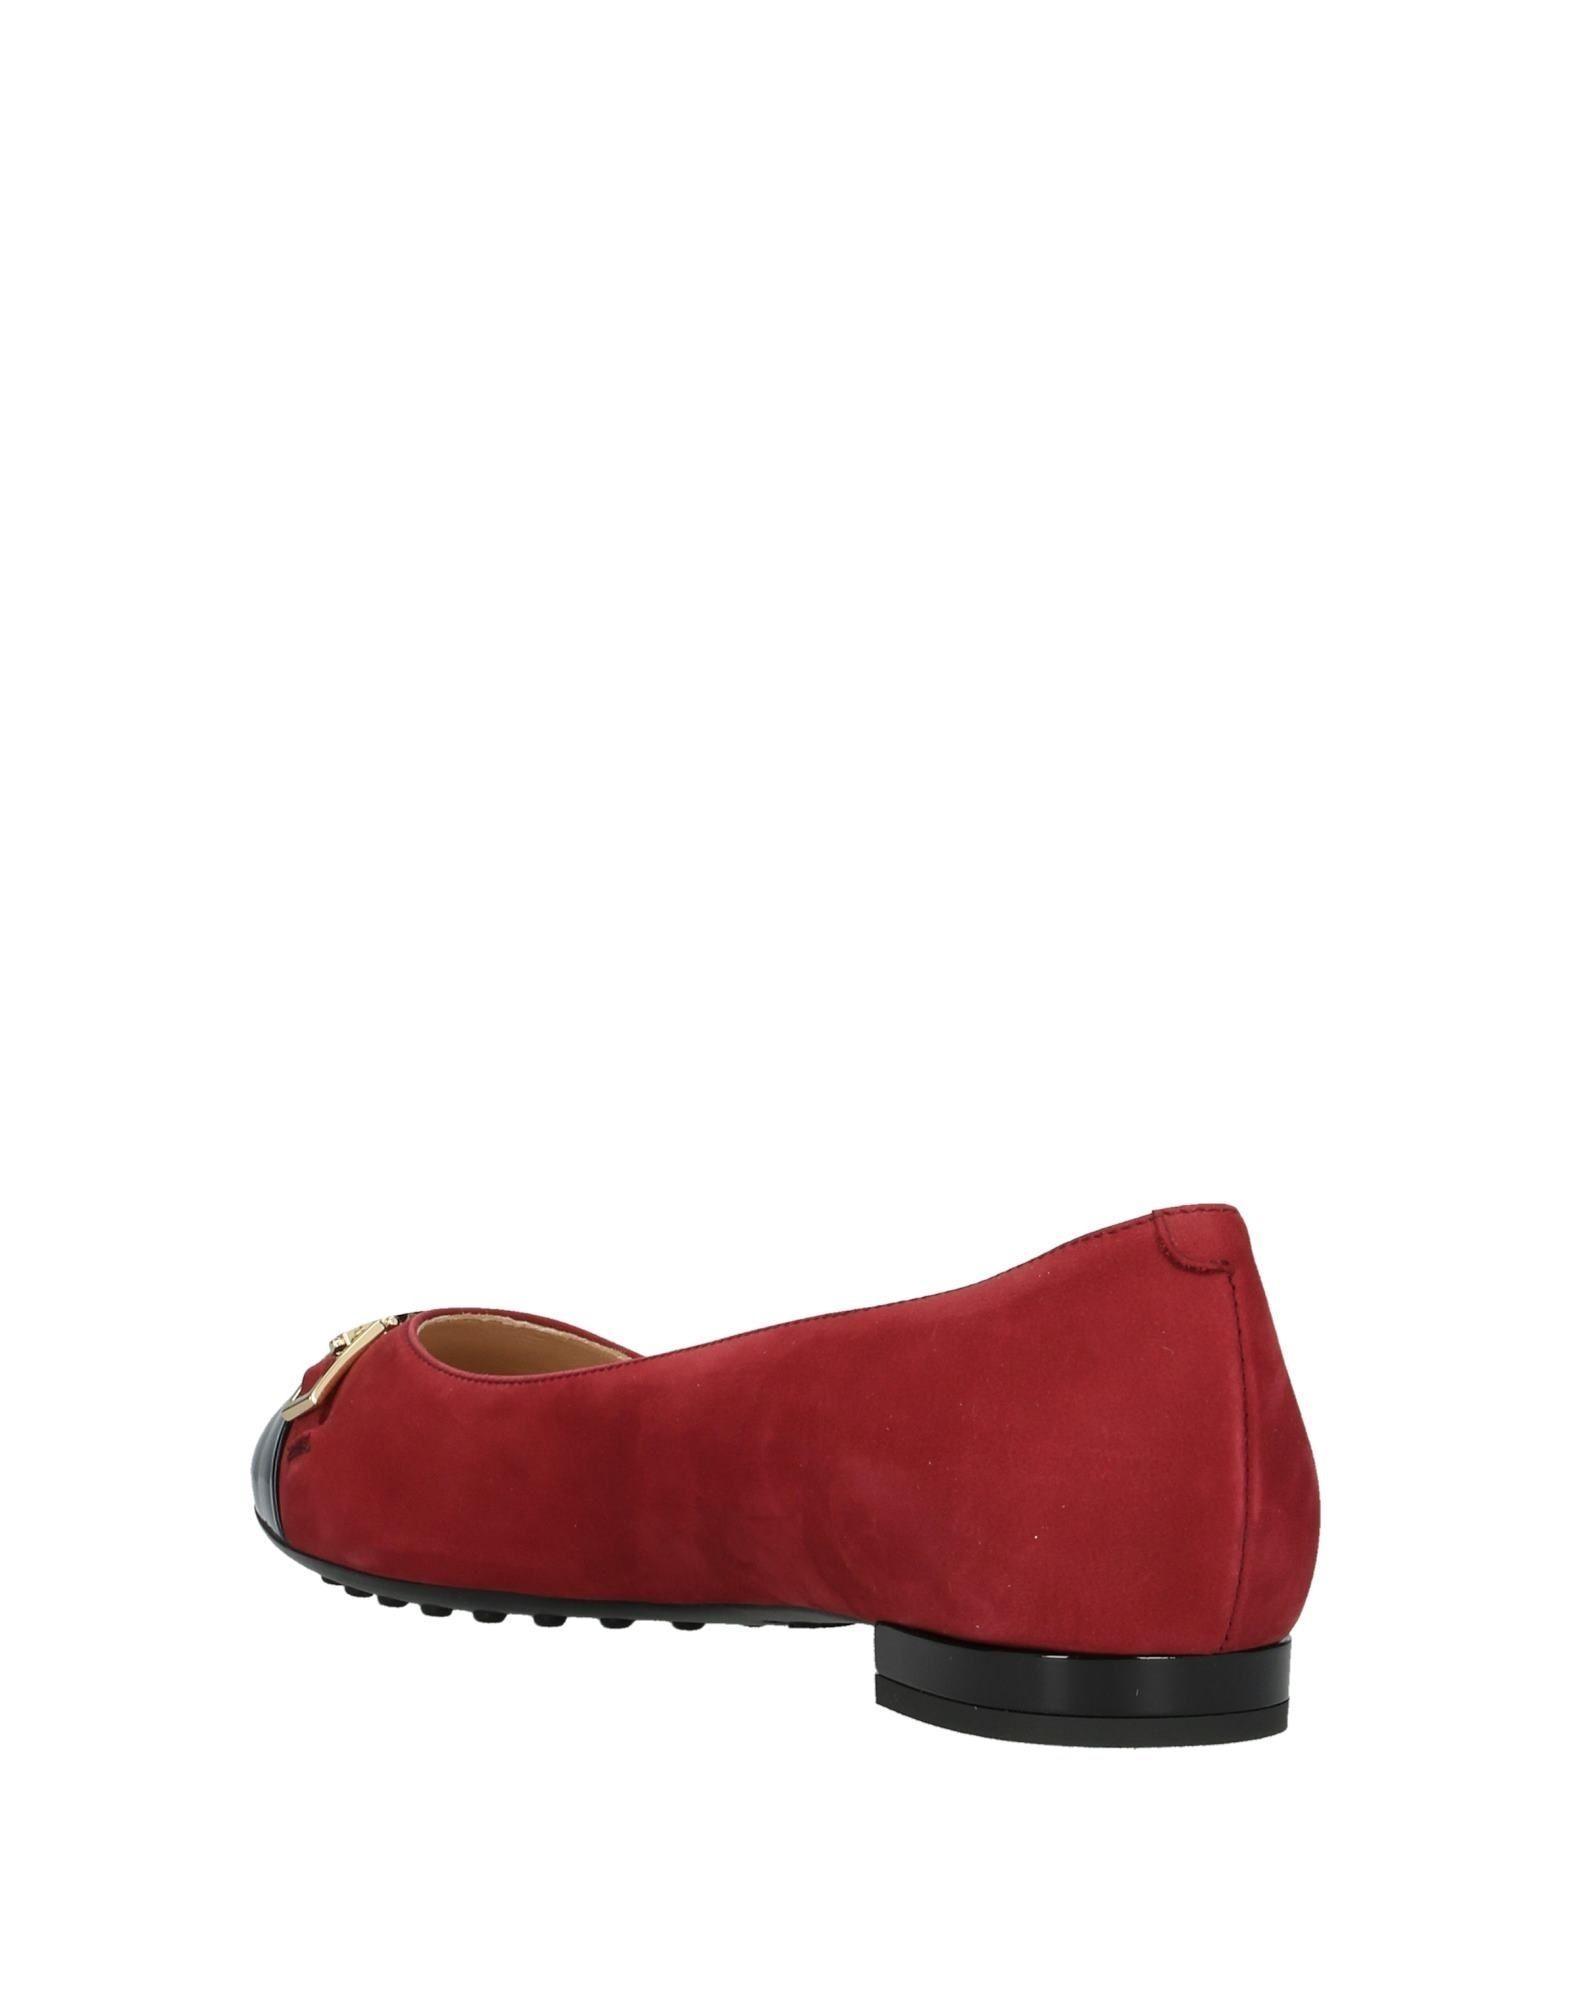 Bailarinas Tod's de Cuero de color Rojo